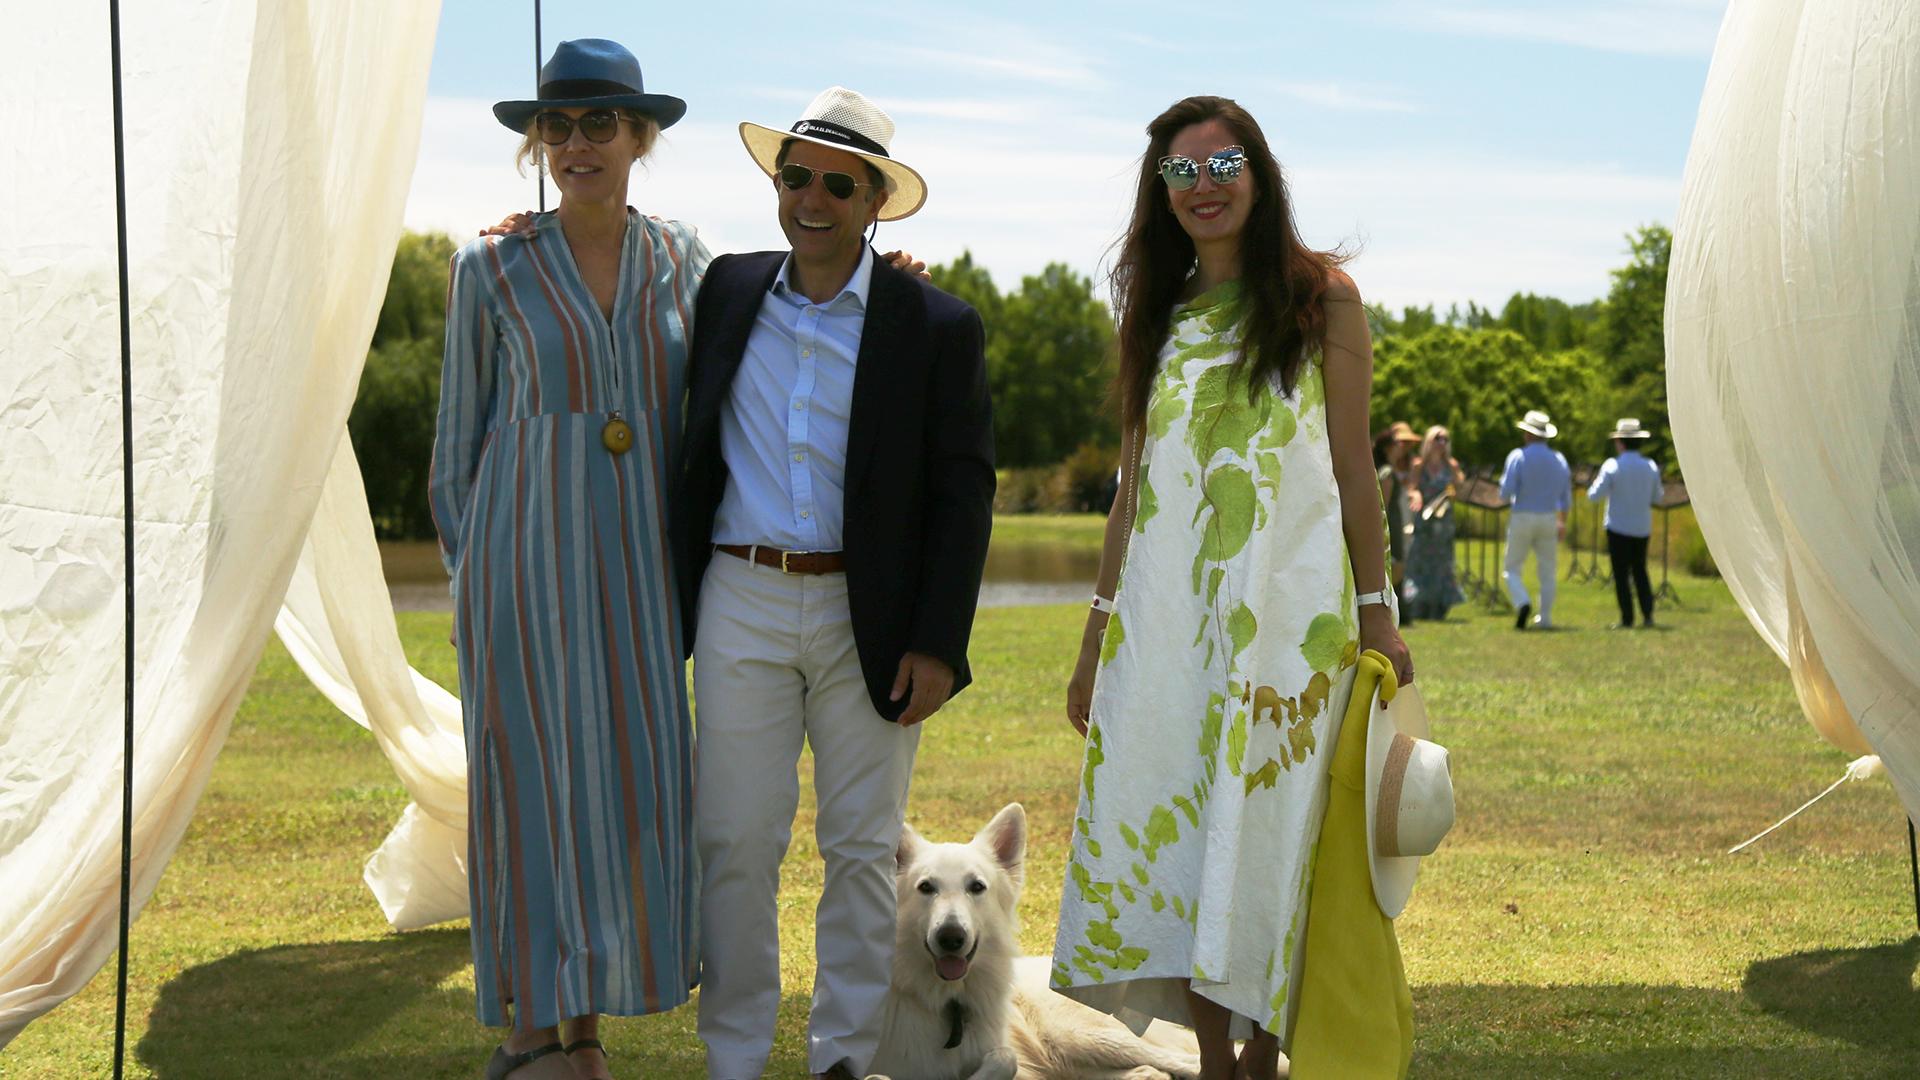 Alexandra de Royere, Claudio Stamato y Paula Toto Blaque